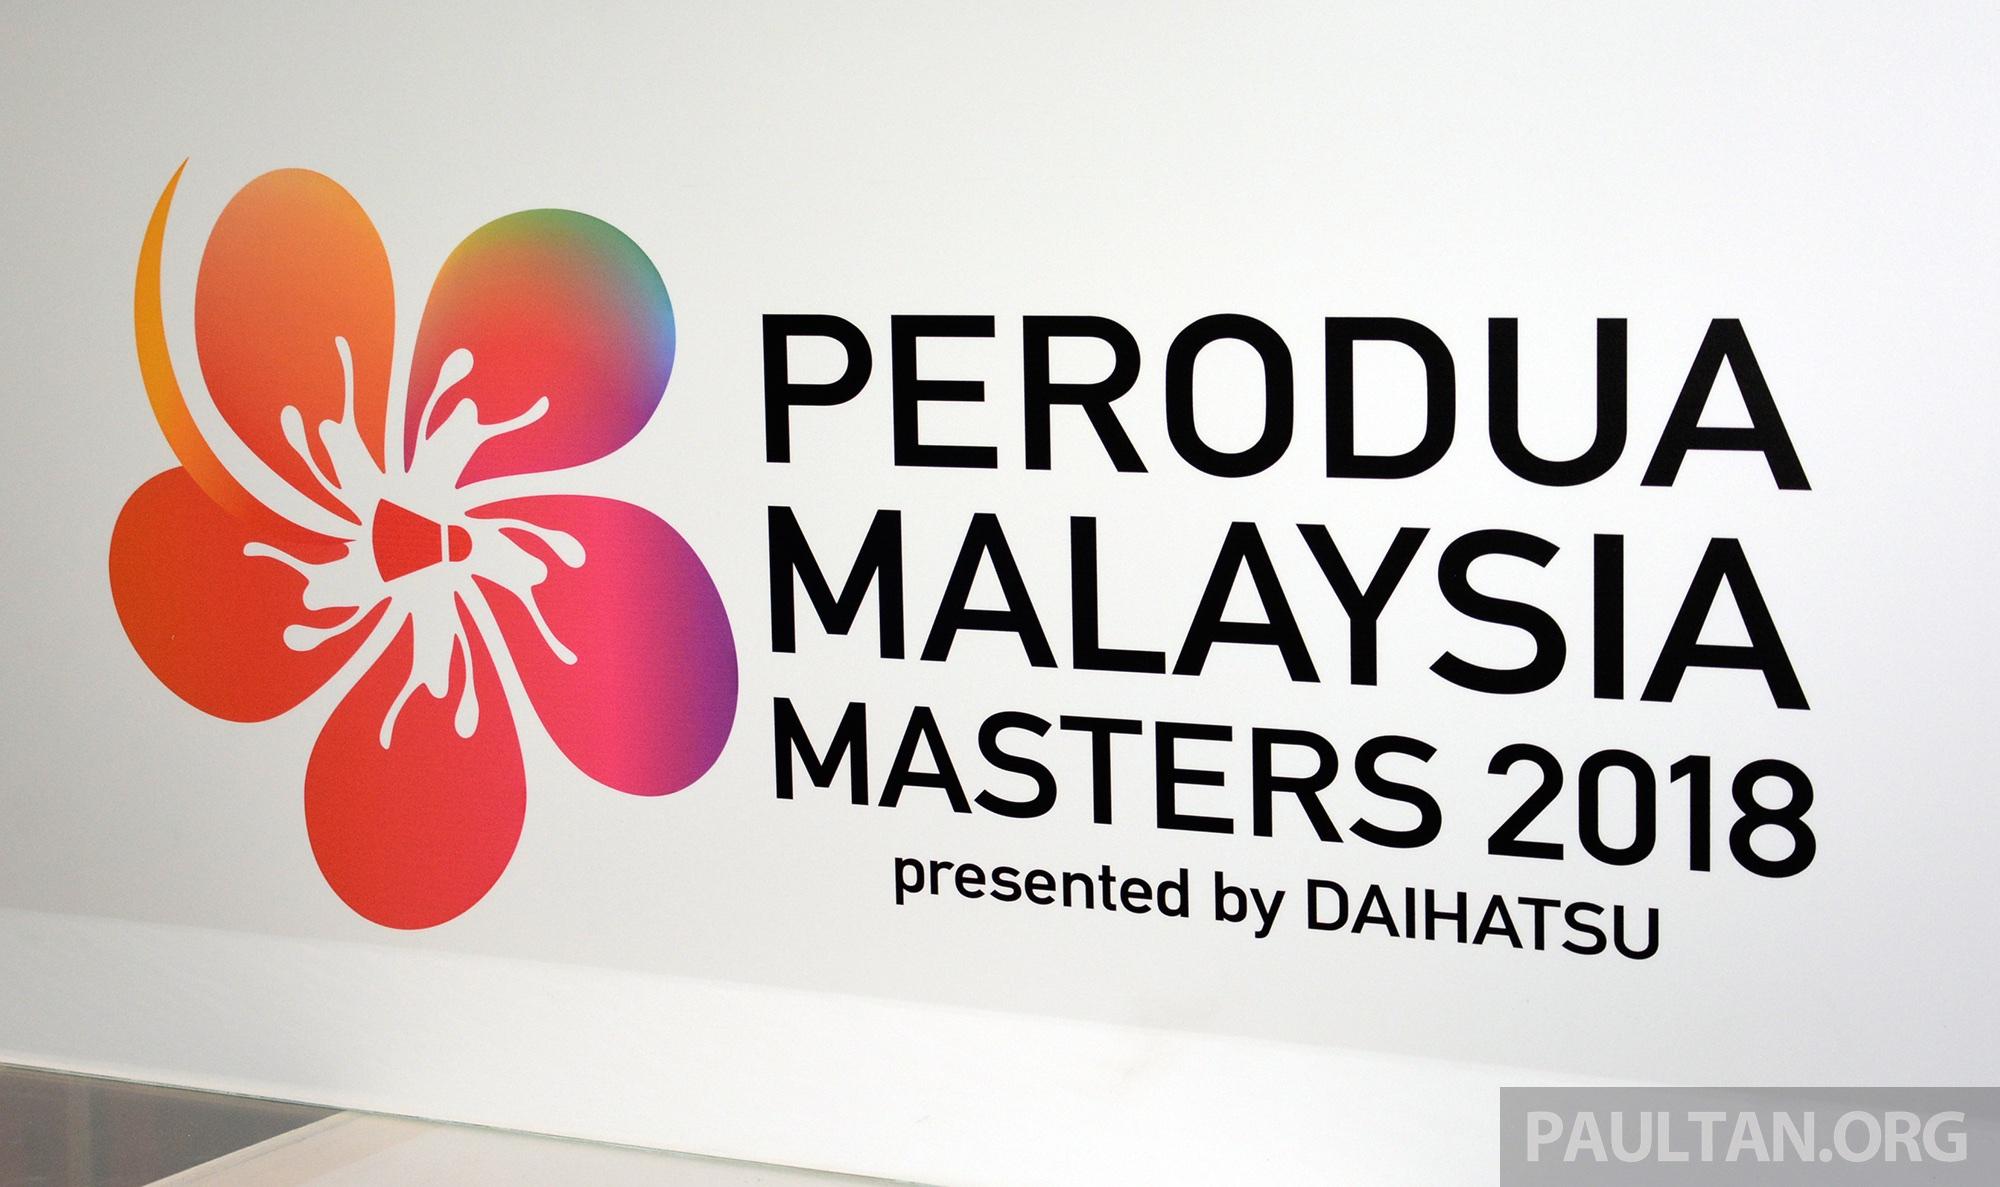 Daihatsu sponsors badminton in Japan and ASEAN - Perodua